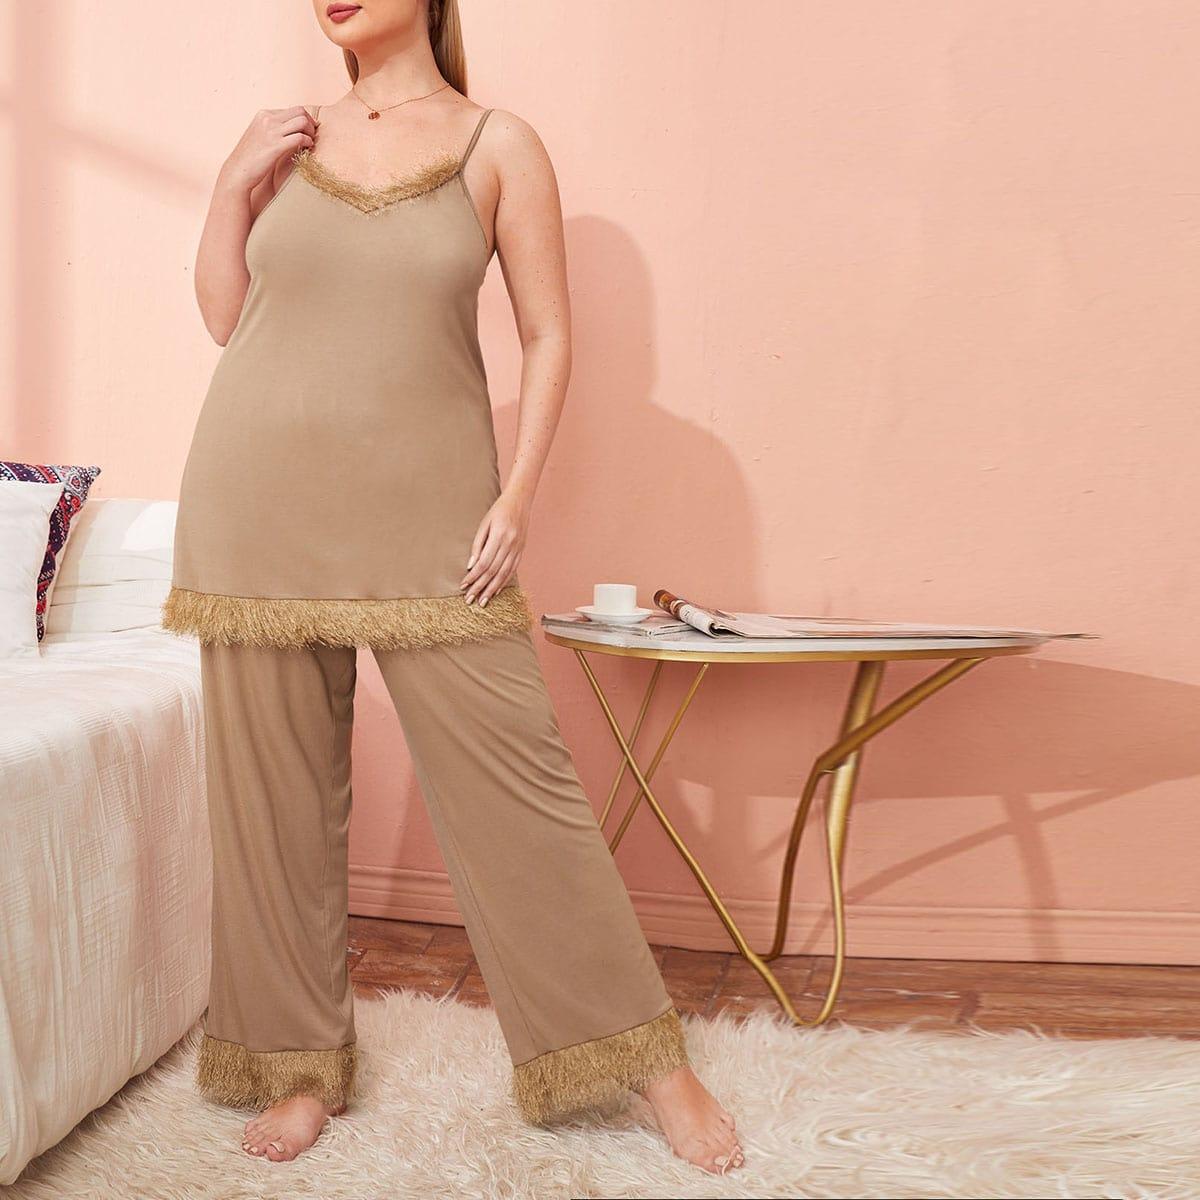 Контрастный искусственный мех Одноцветный Повседневный Пижама размер плюс